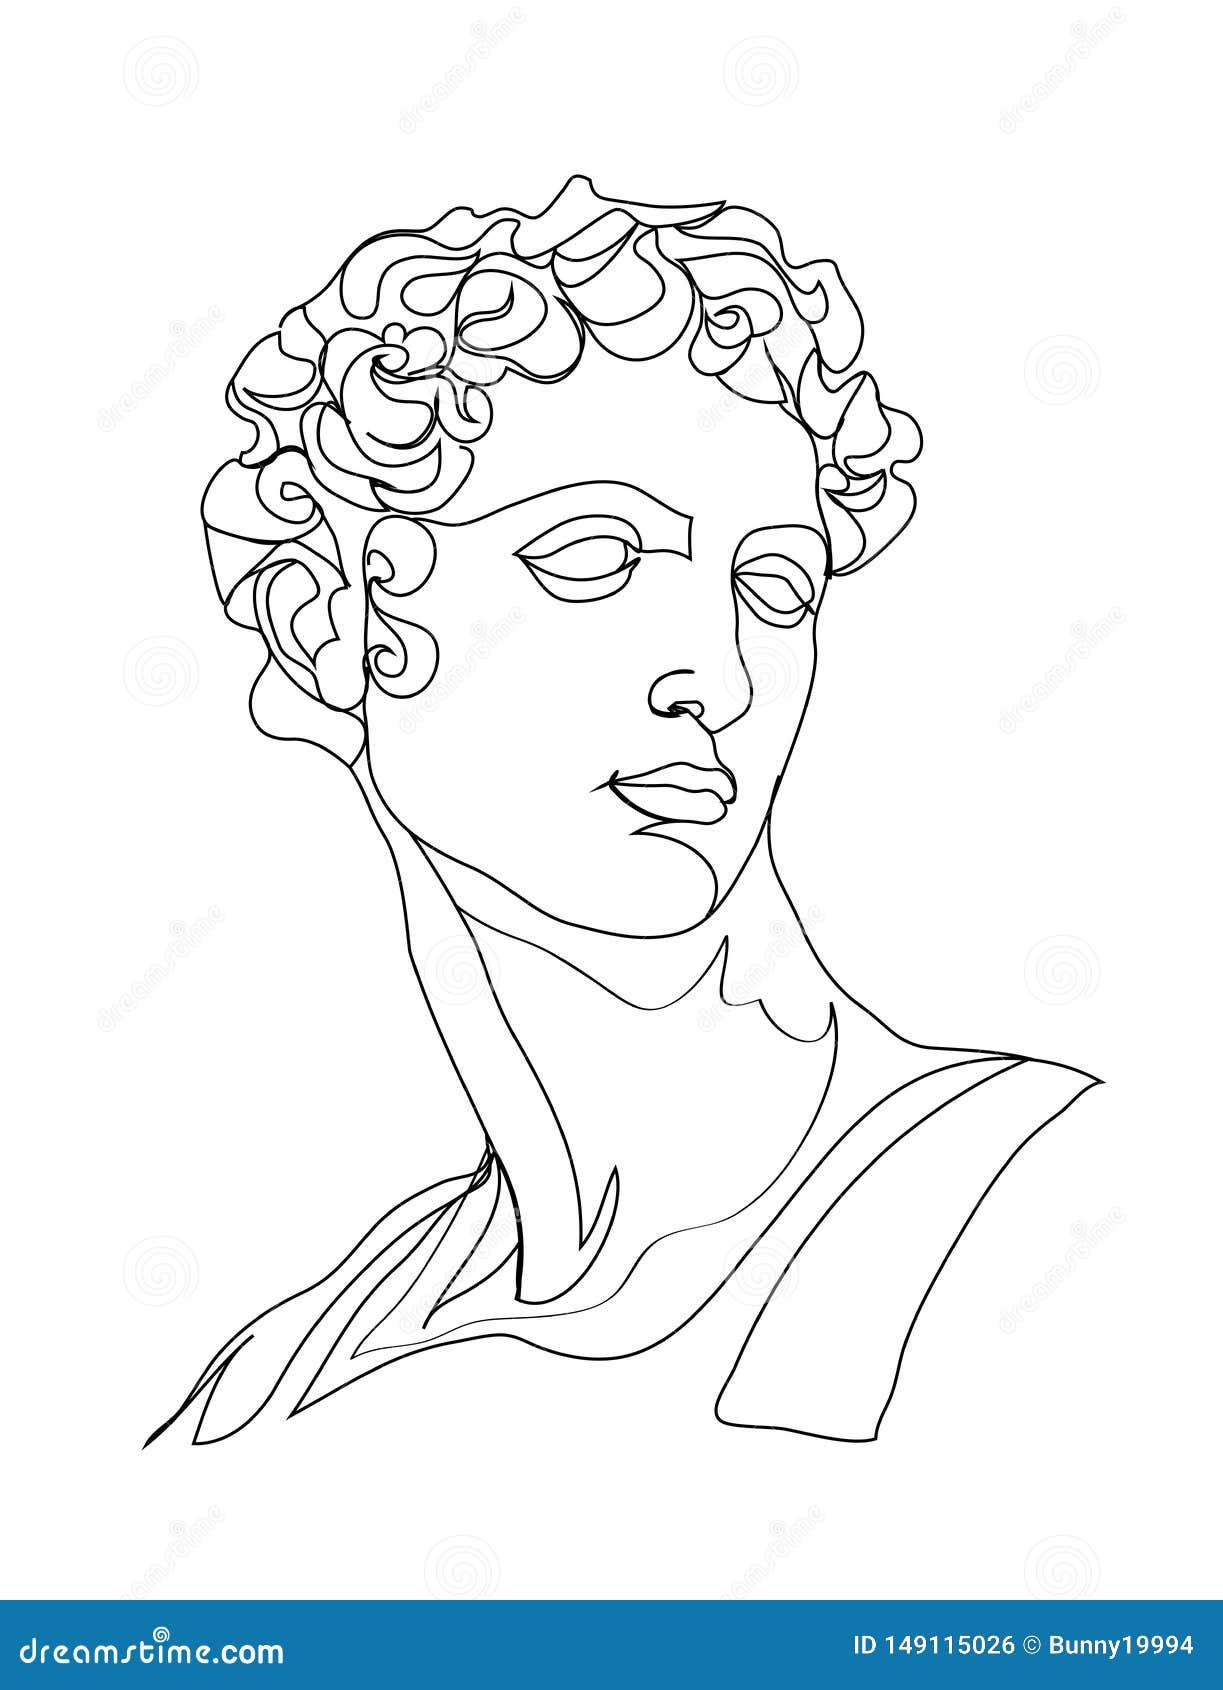 Sculpture е RGBOne de ‹du ½ Ñ du ² Ð du ¾ Ð du ½ Ð du  Ð de ÐžÑ en croquis de dessin au trait Sch?ma simple moderne, d?coupe es